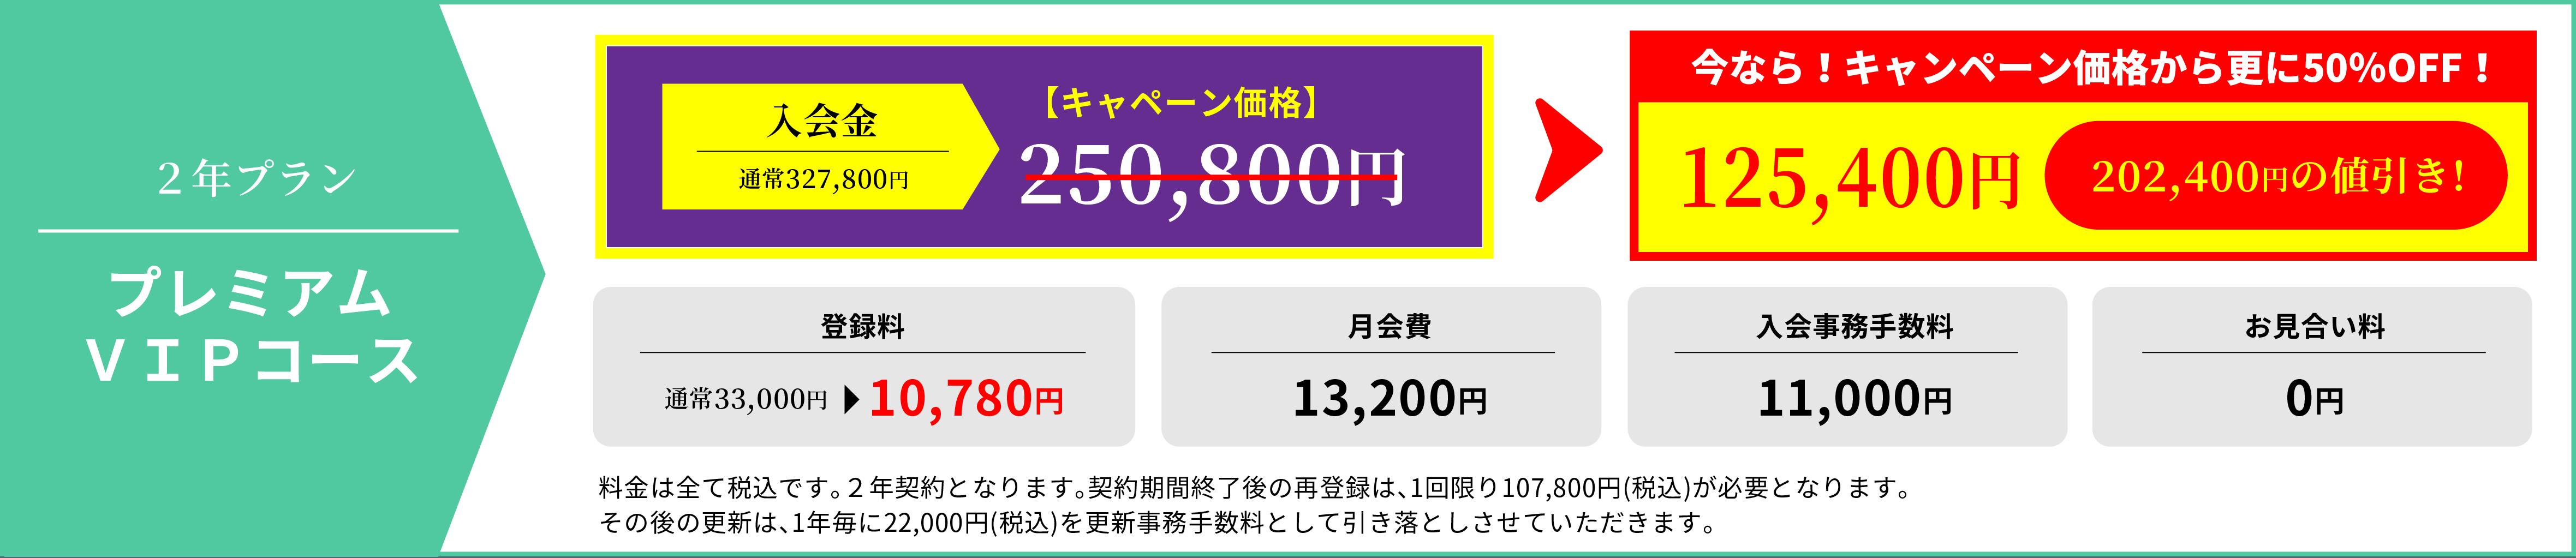 new_price03